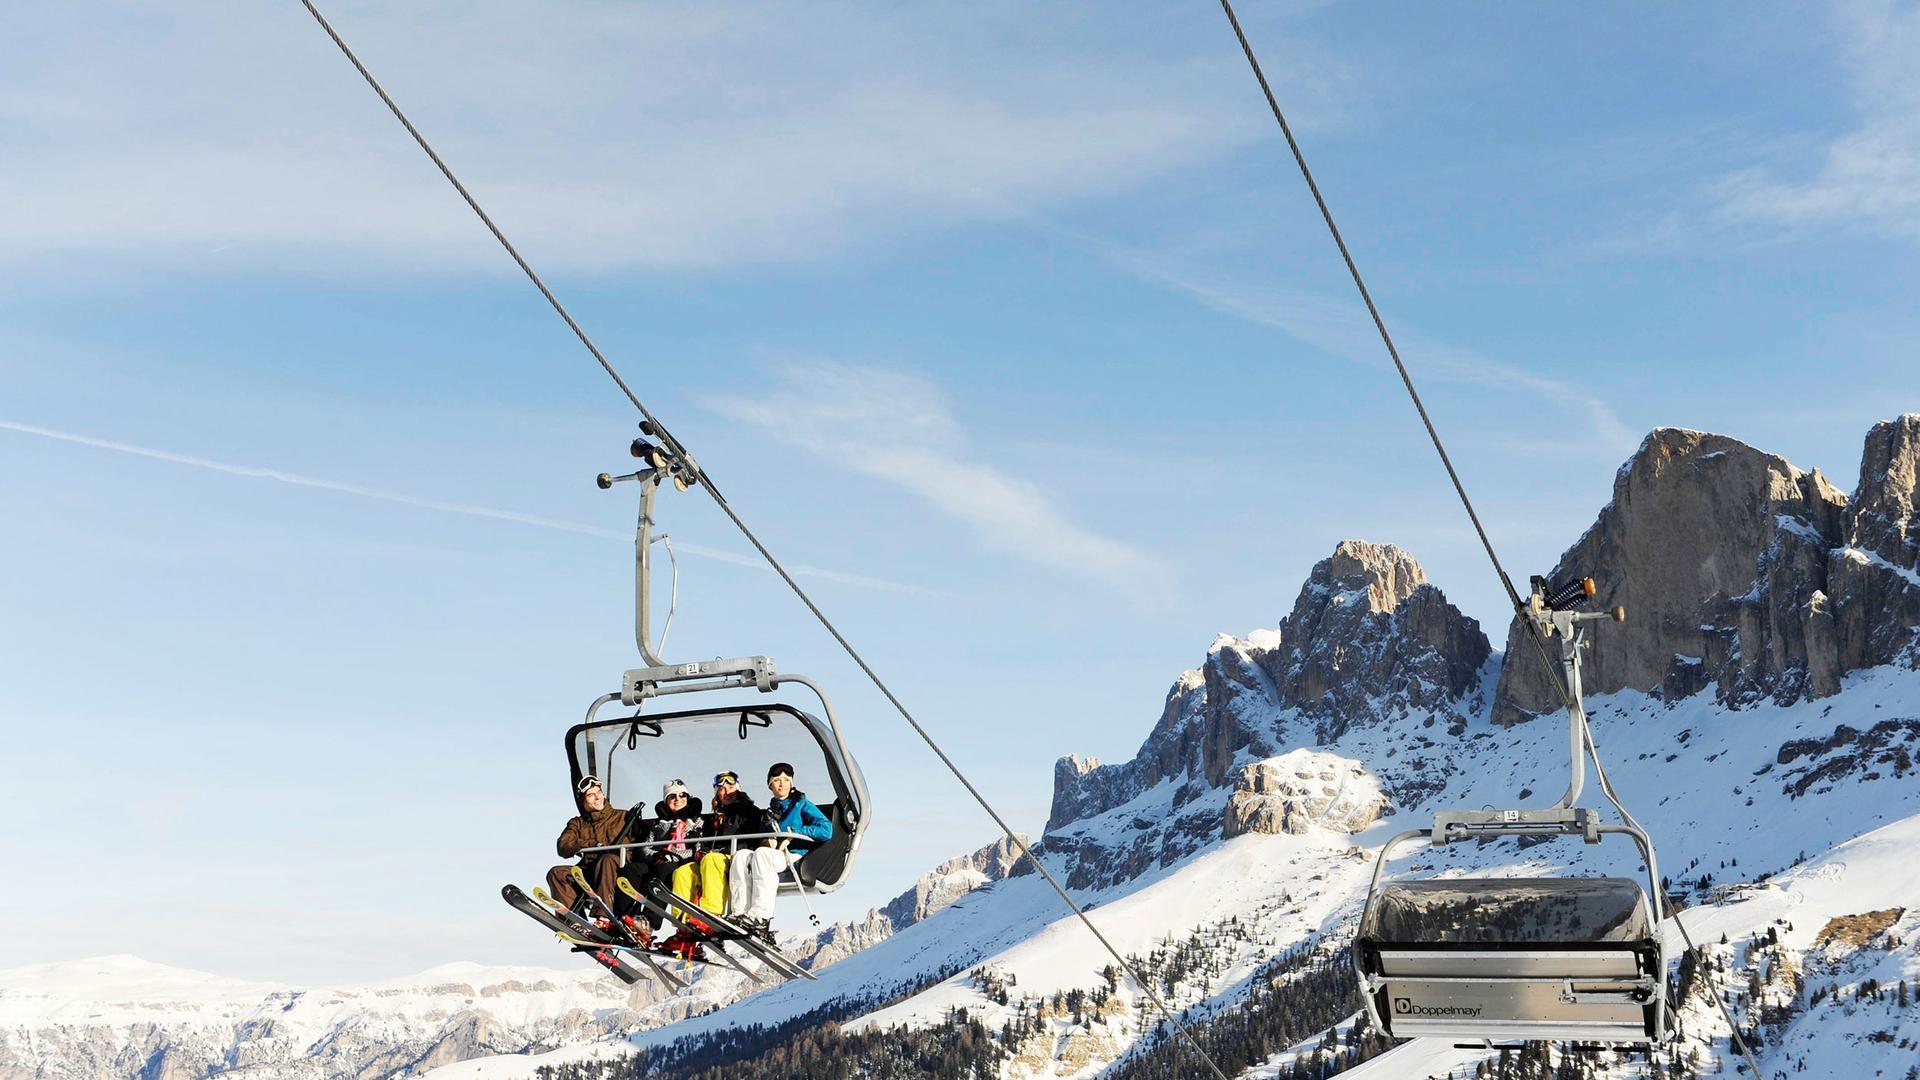 hotel-mondschein-eggental-obereggen-skiarena-carezza-2.jpg